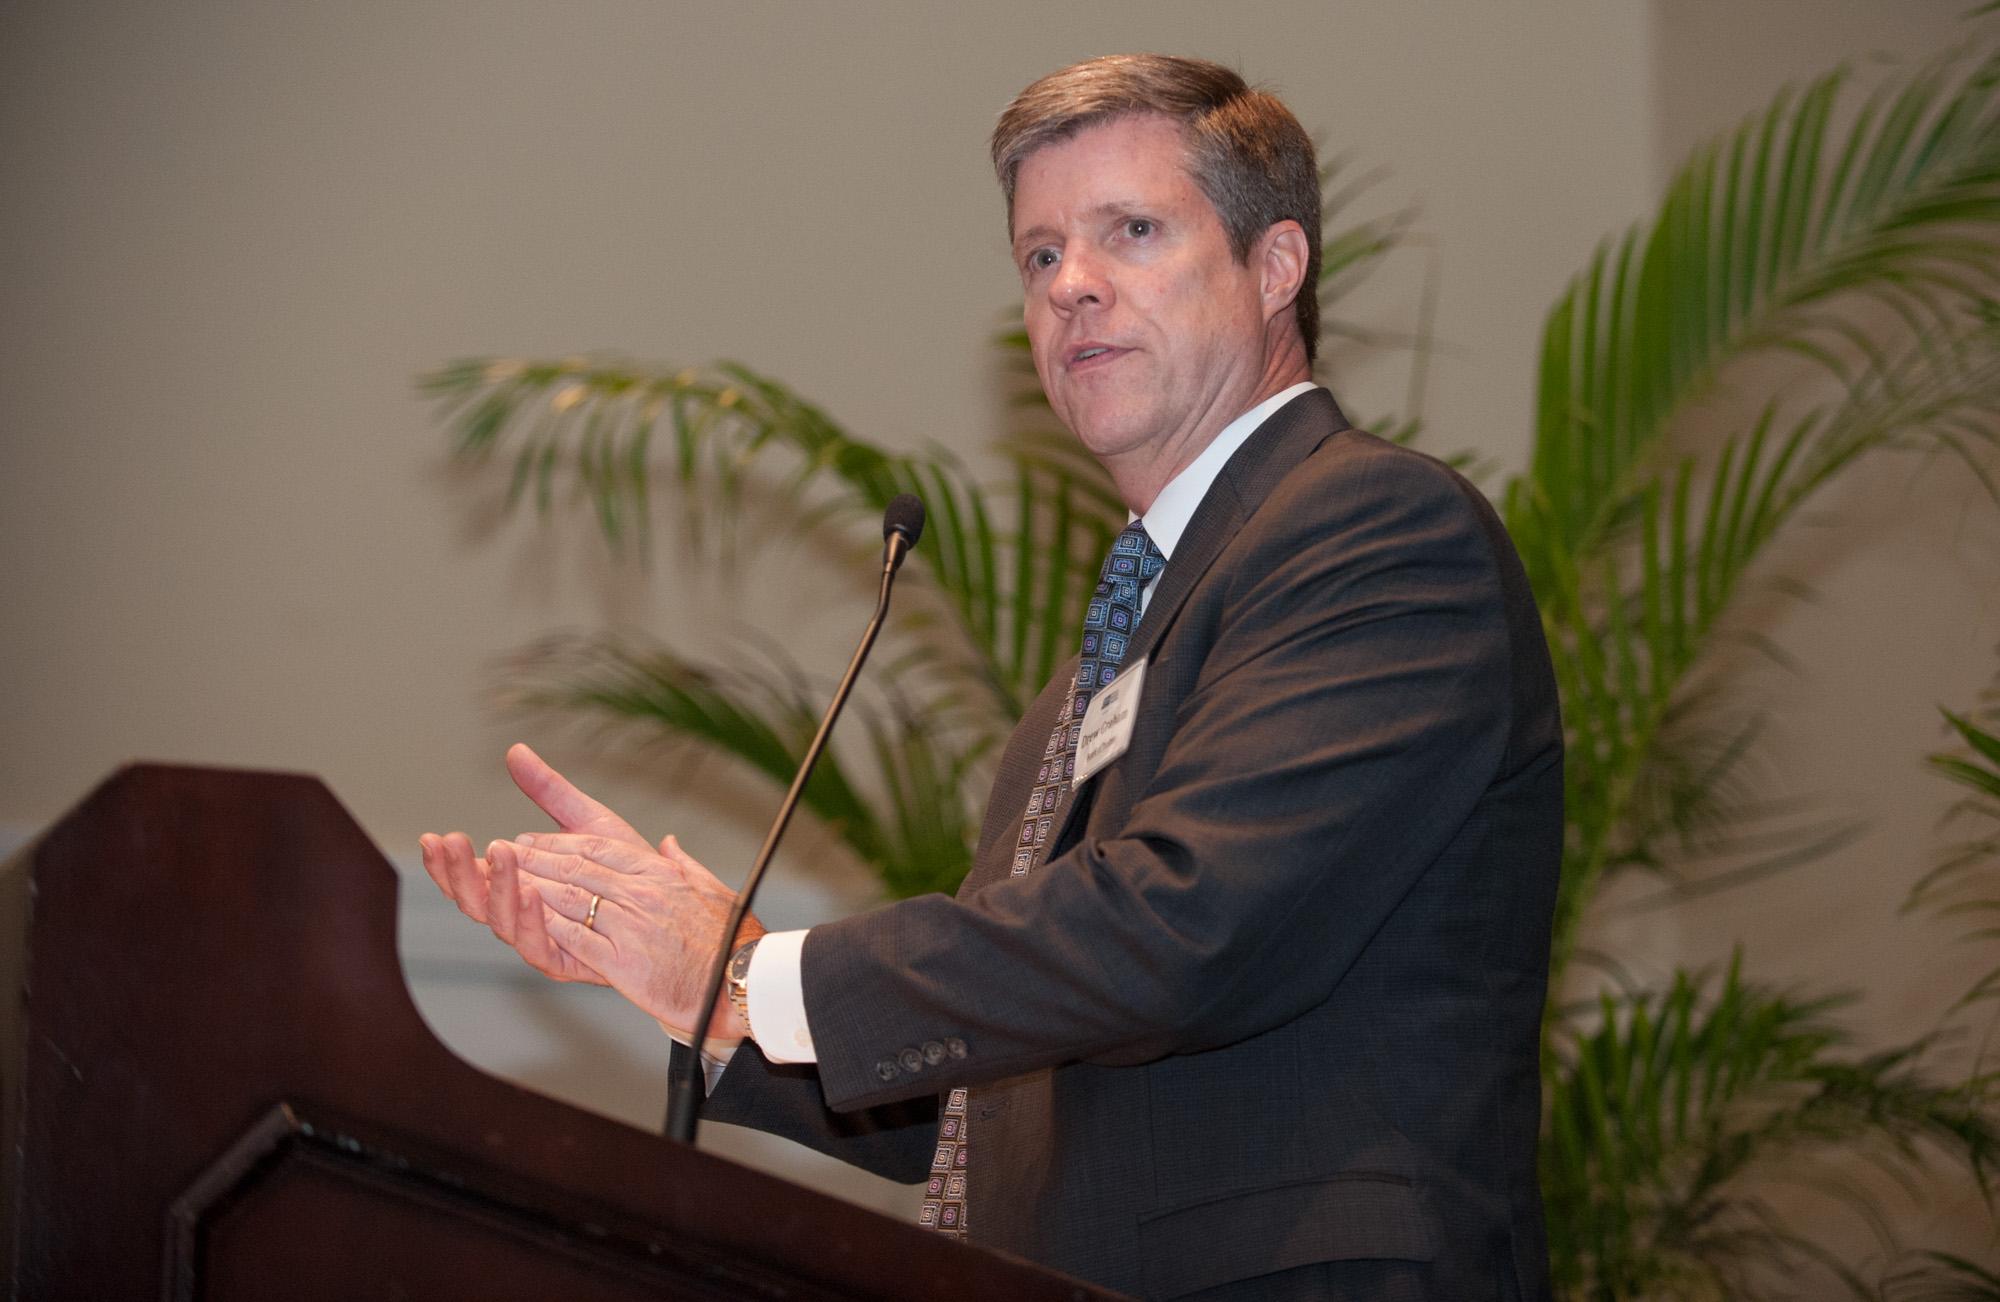 Drew Graham speaks during the TGH Foundation dinner.